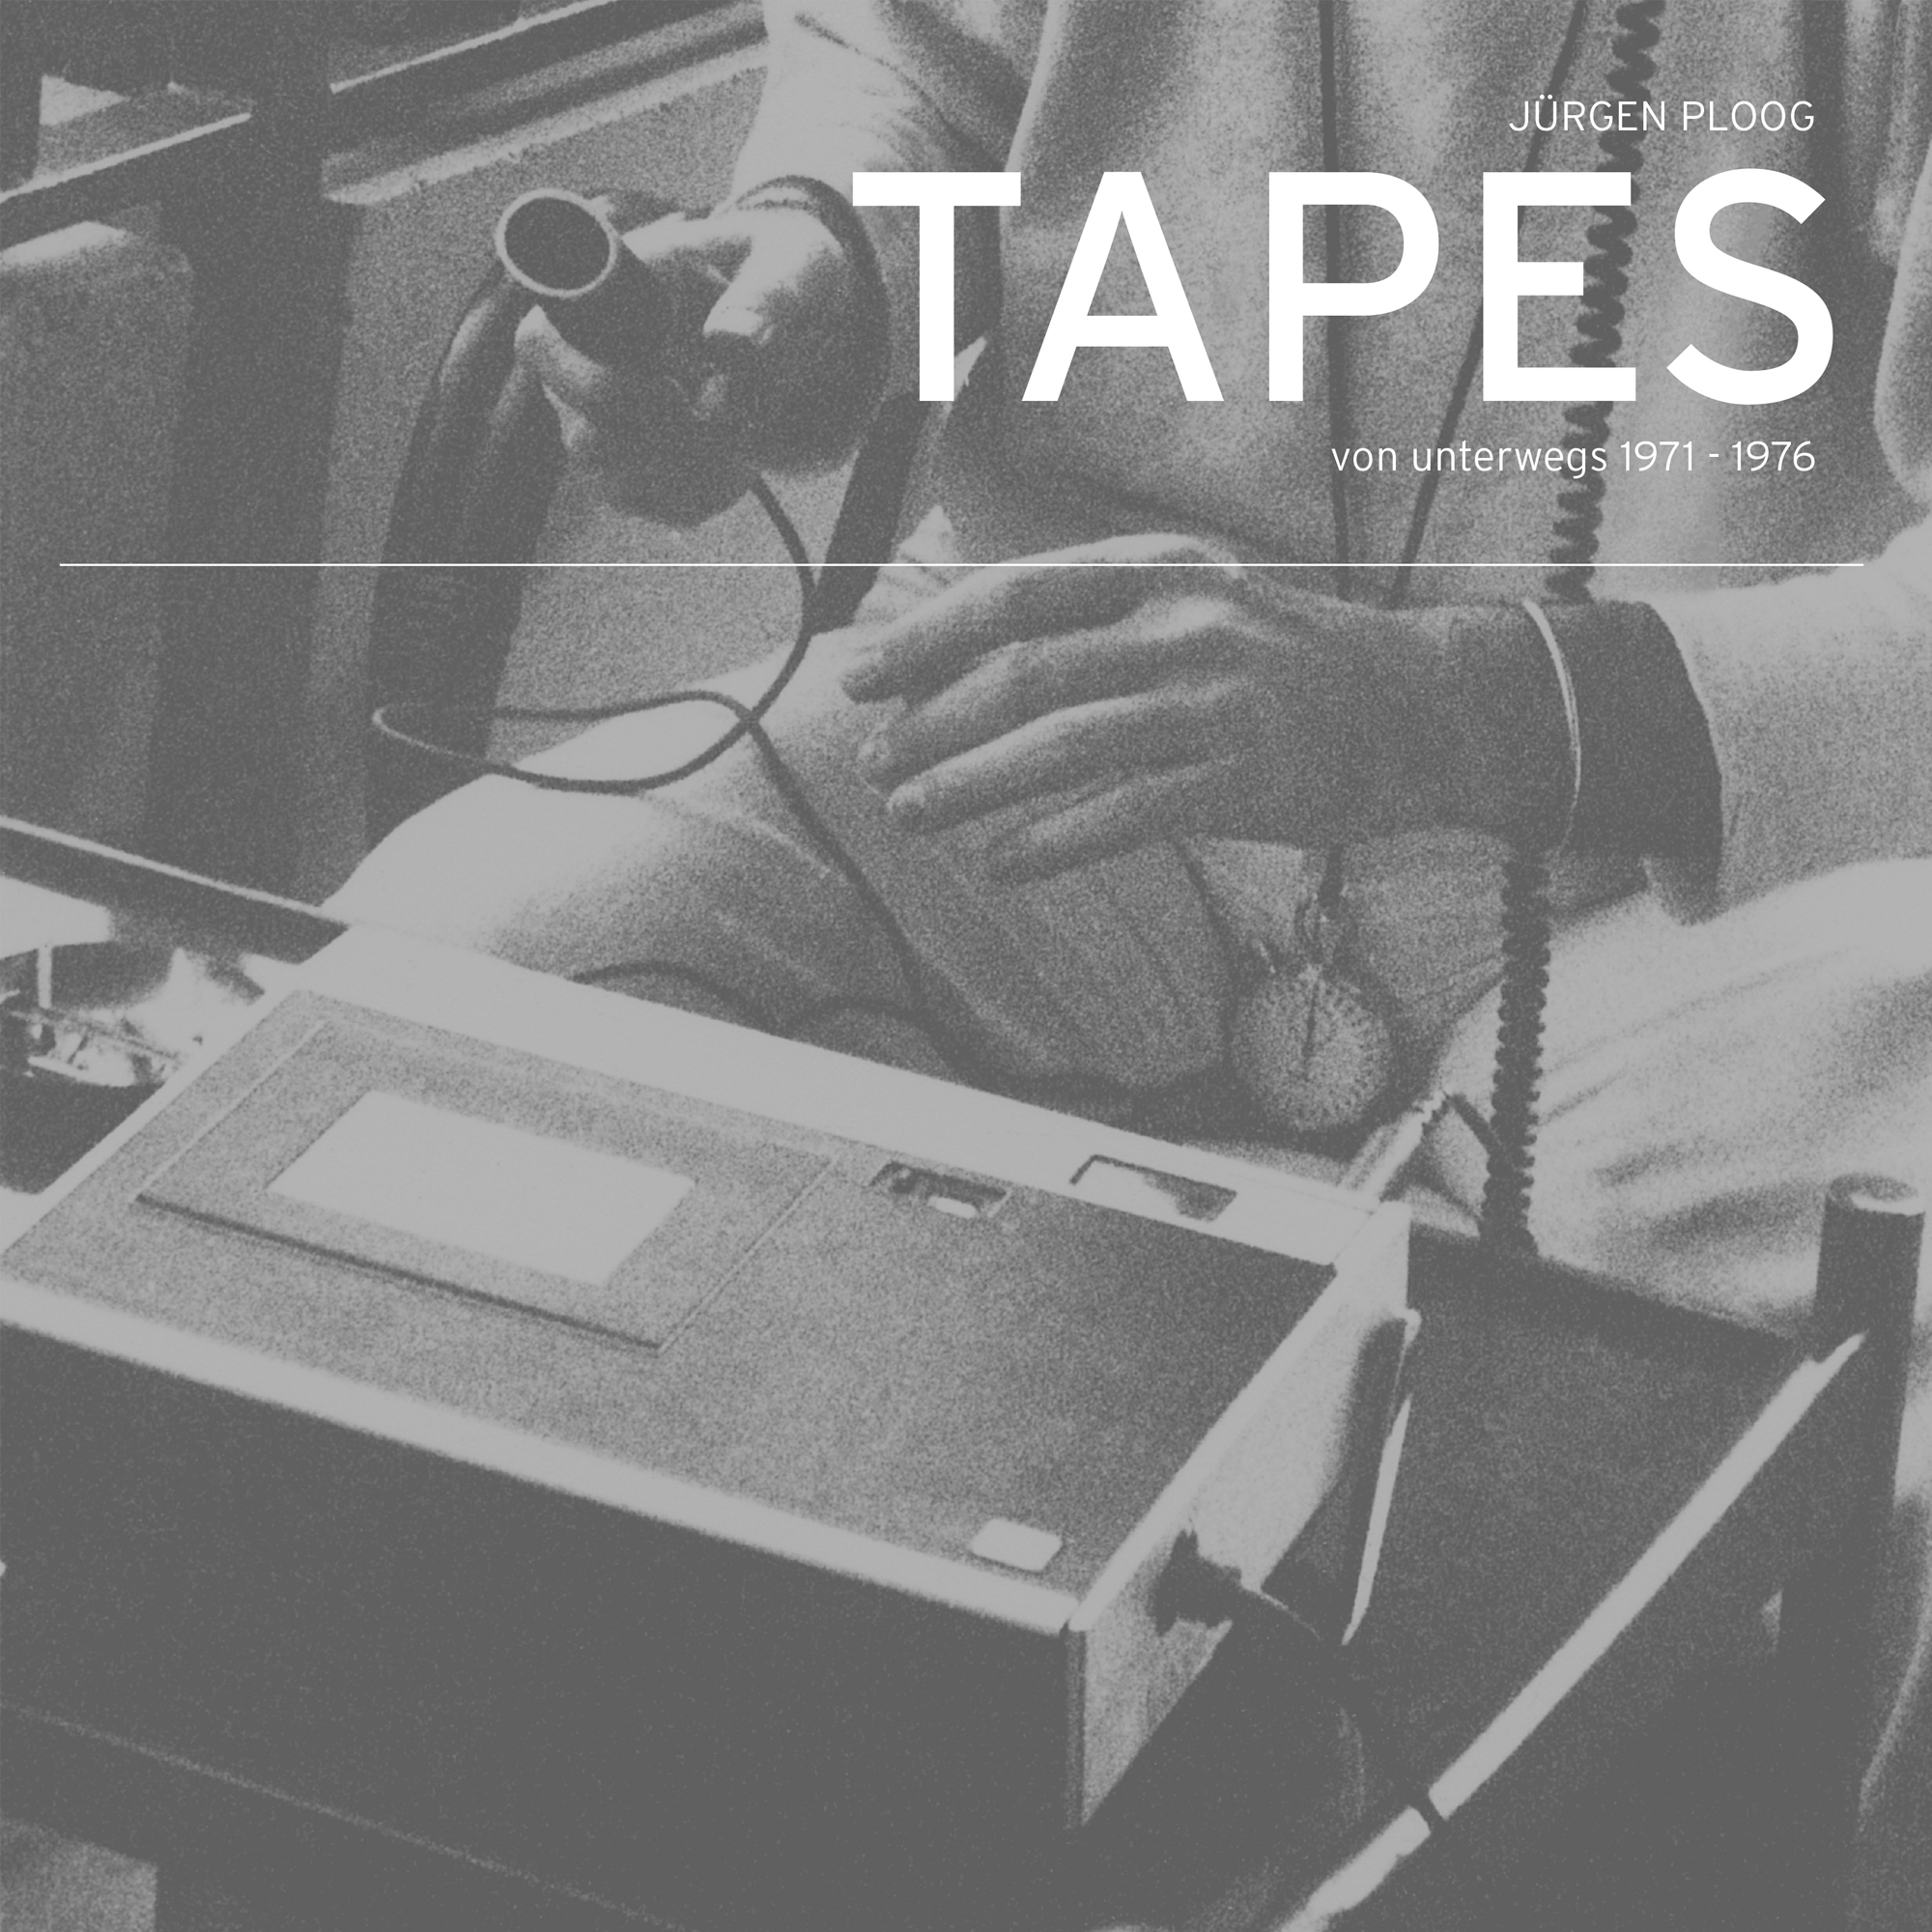 Jürgen Ploog - Tapes von unterwegs